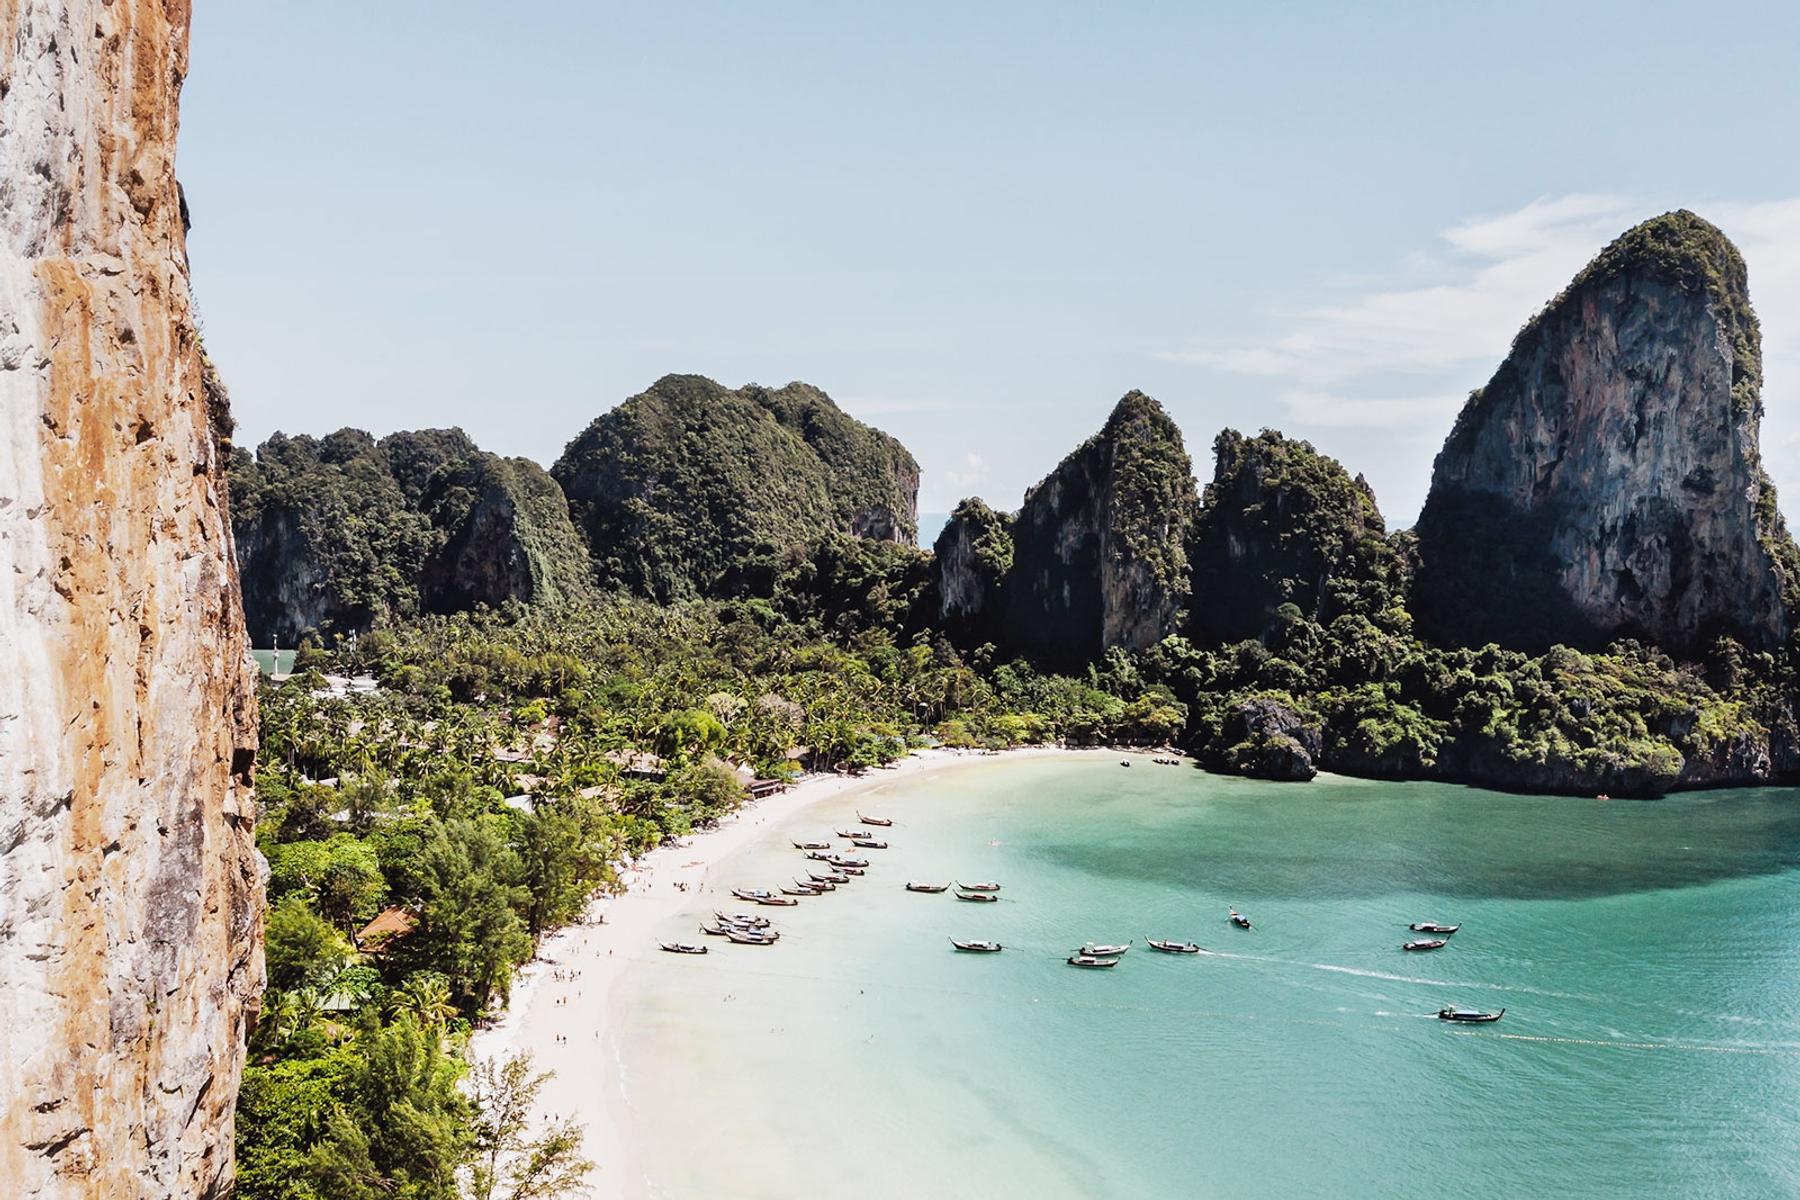 Nach Phuket können derzeit nur Geimpfte und Genesene reisen